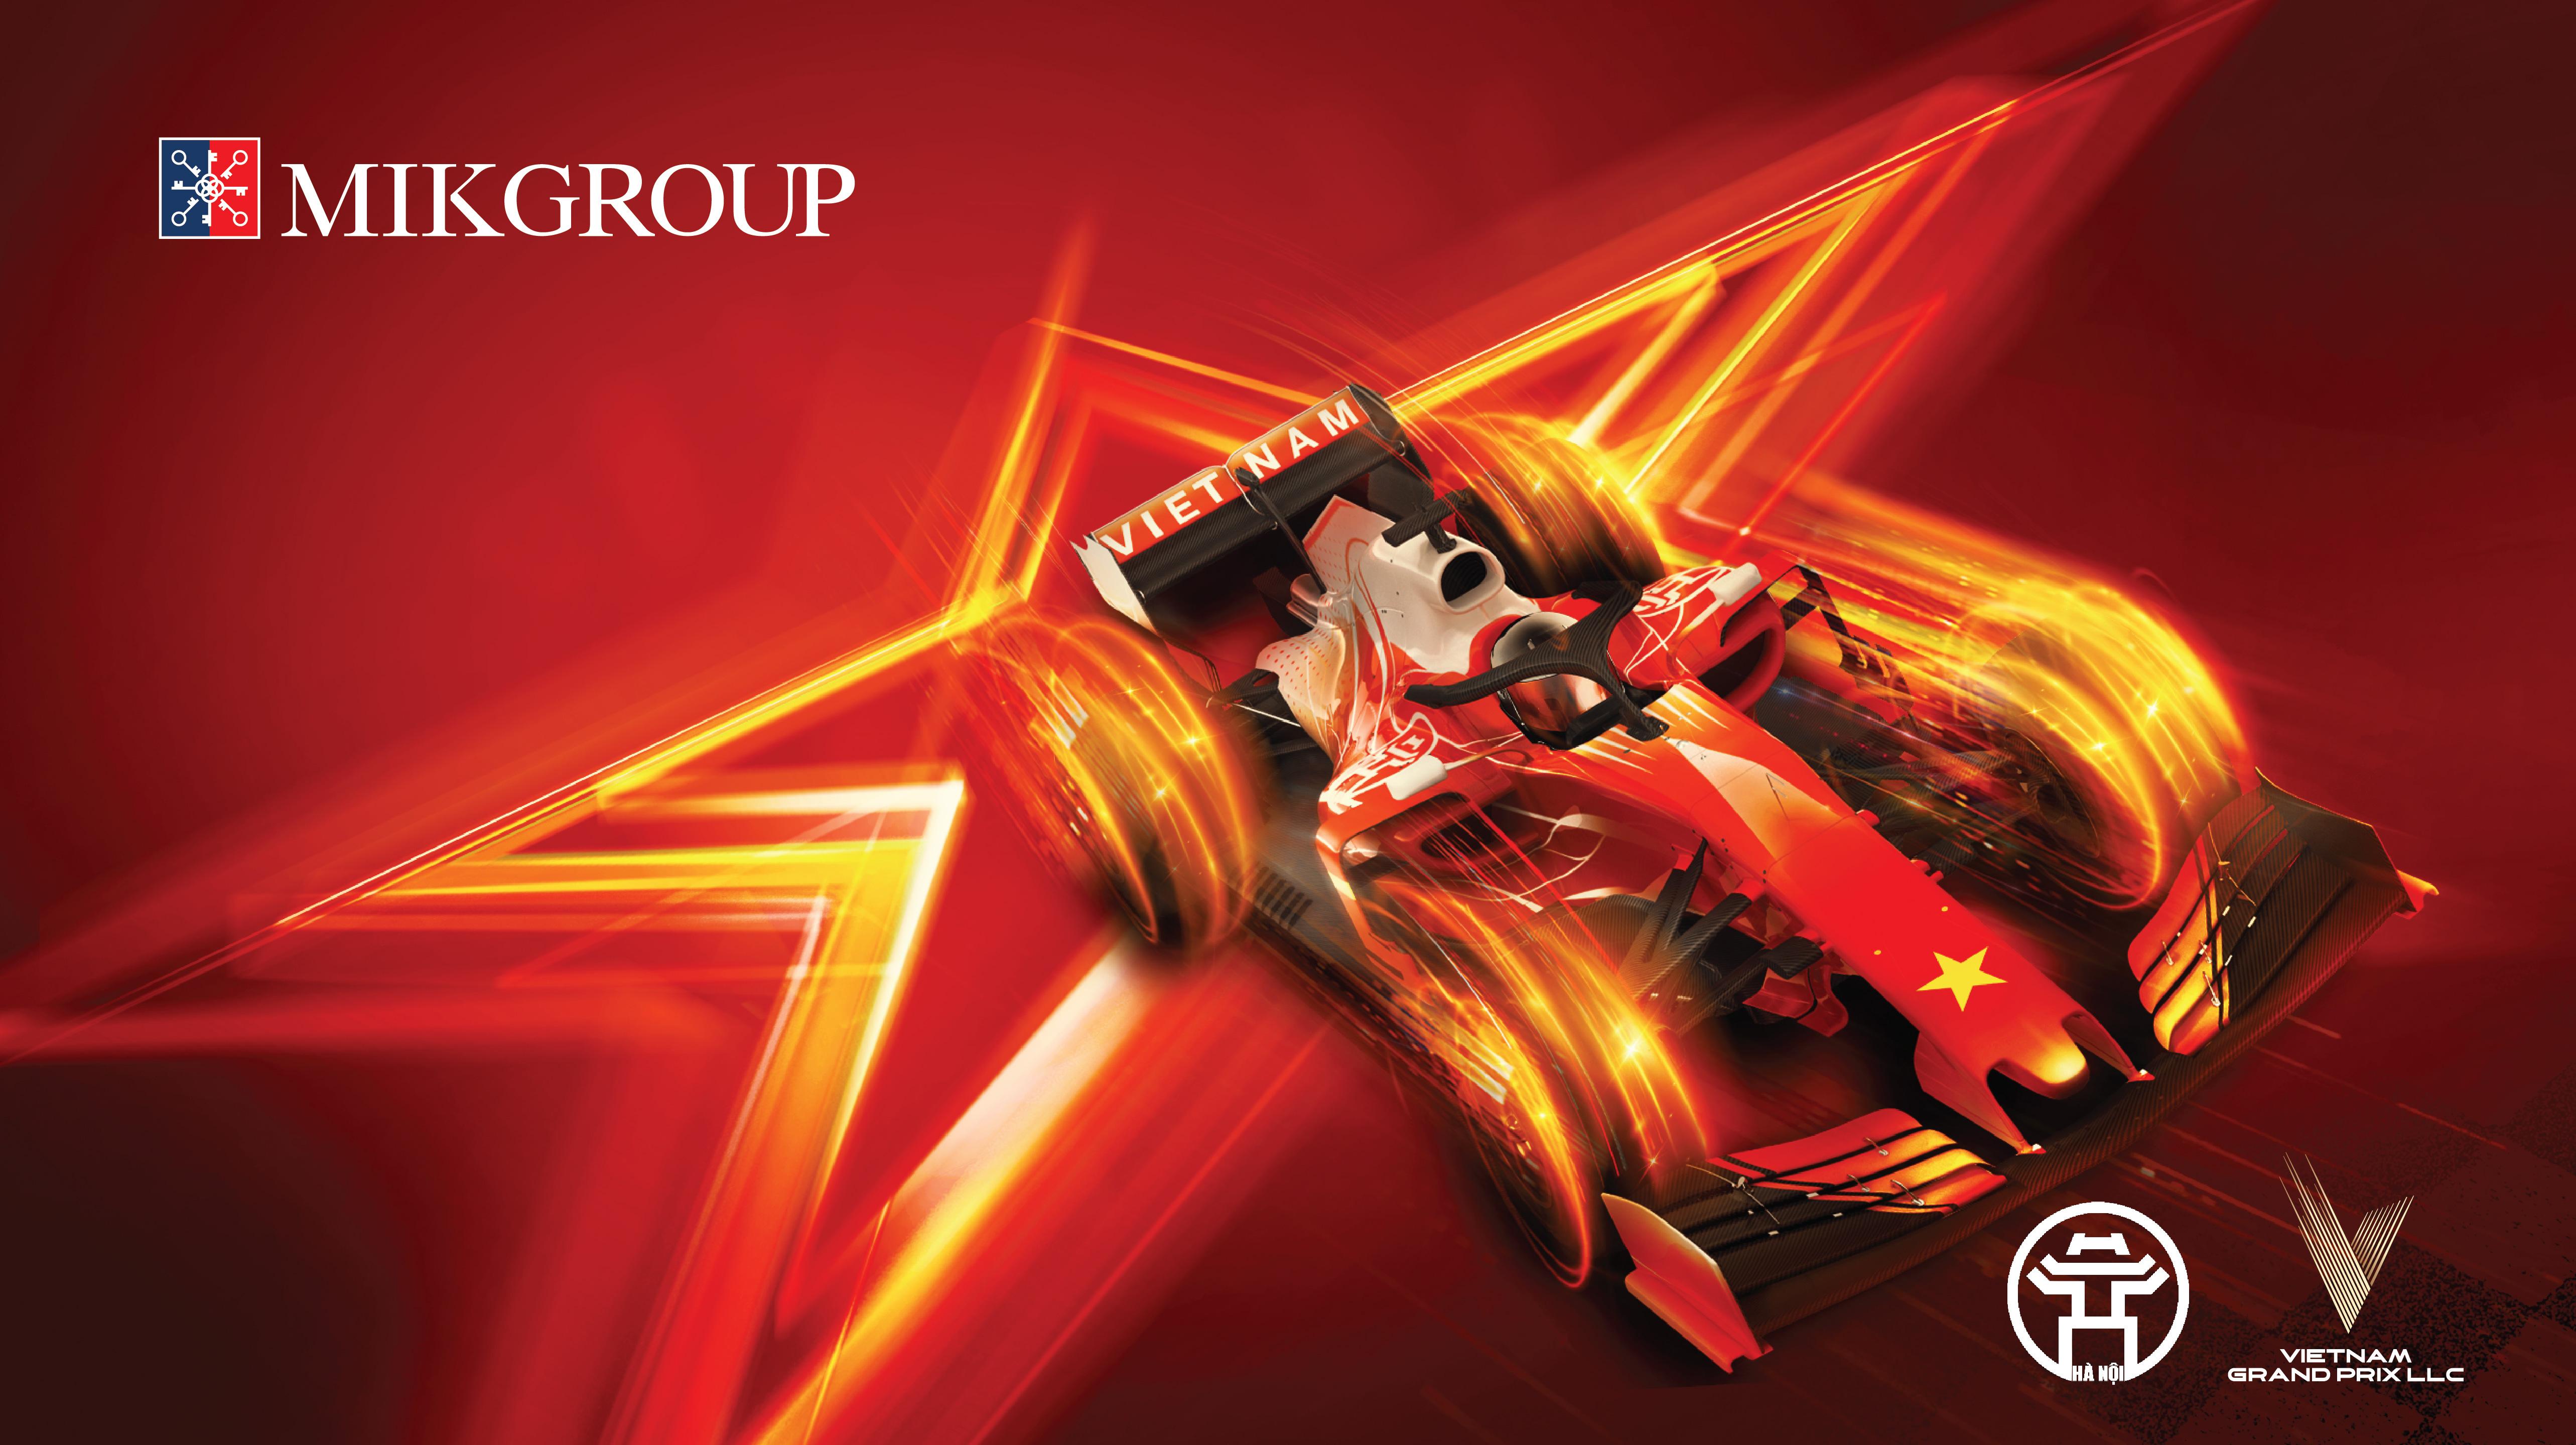 """MIKGroup """"chơi lớn"""" khi đồng hành cùng Giải đua công thức 1 Việt Nam  - Ảnh 1"""